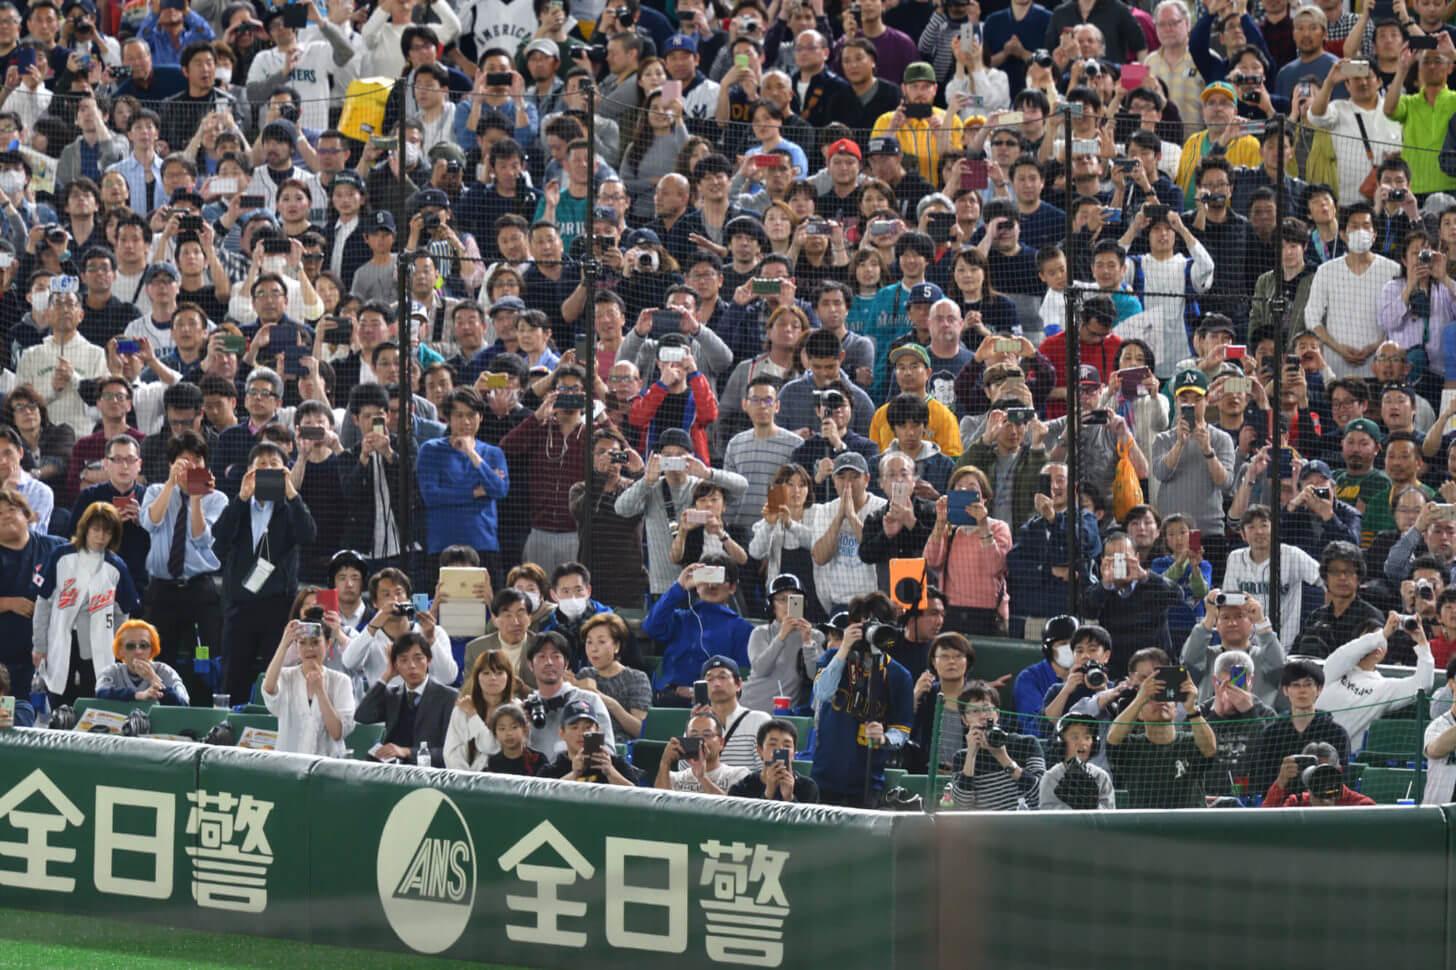 イチローの打席を見守る観客